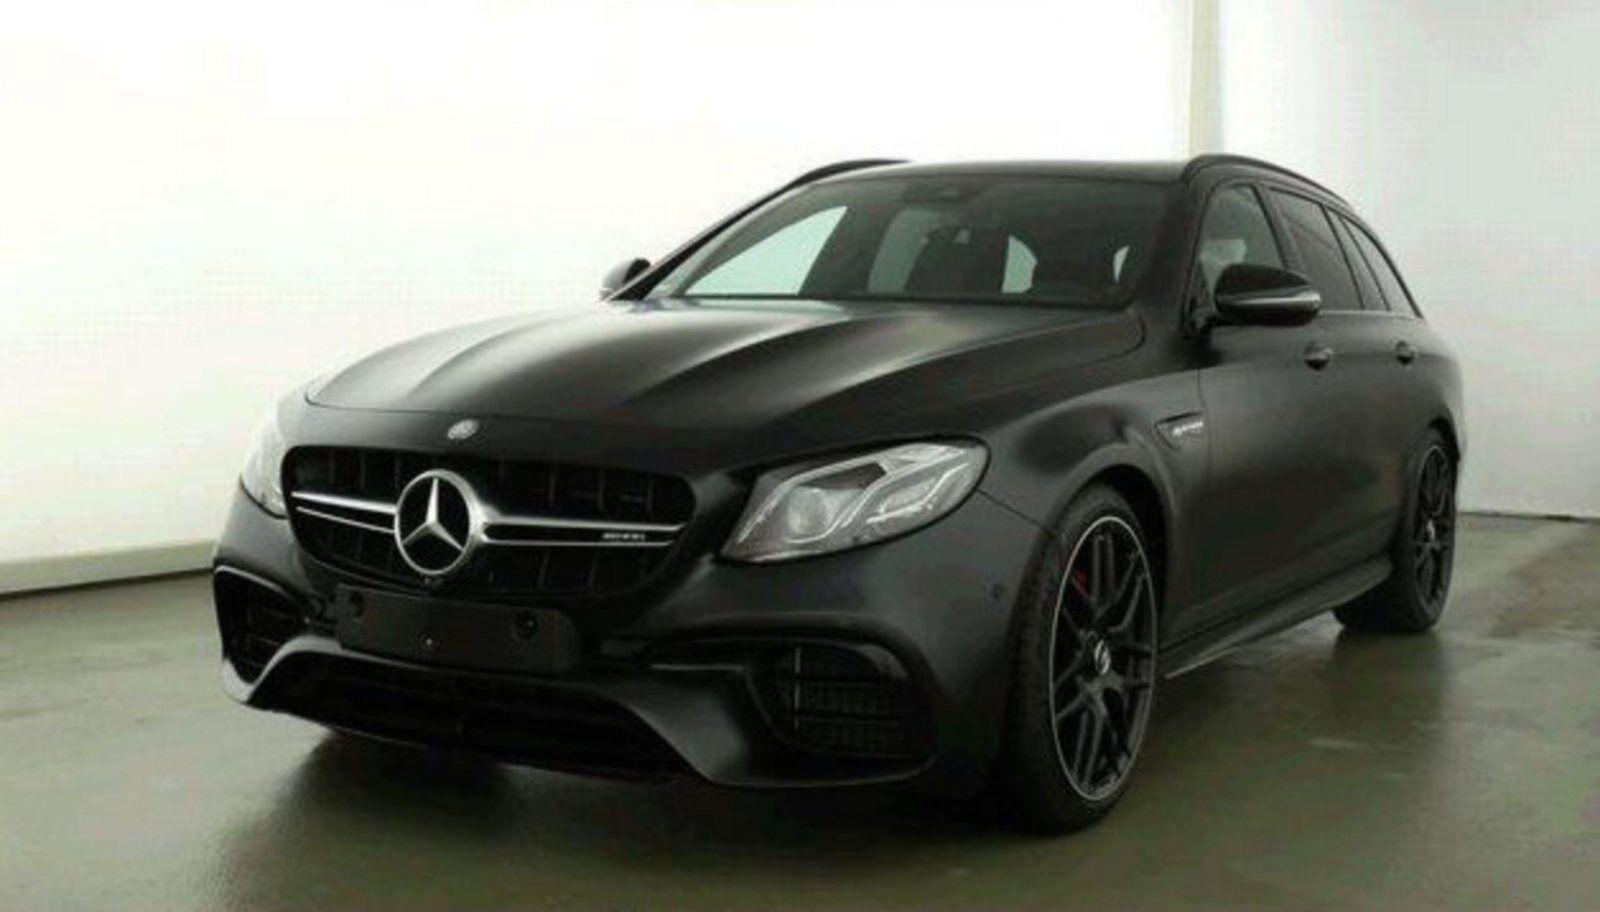 Mercedes E63 4,0 AMG S stc. aut. 4-M+ 5d - 12.999 kr.